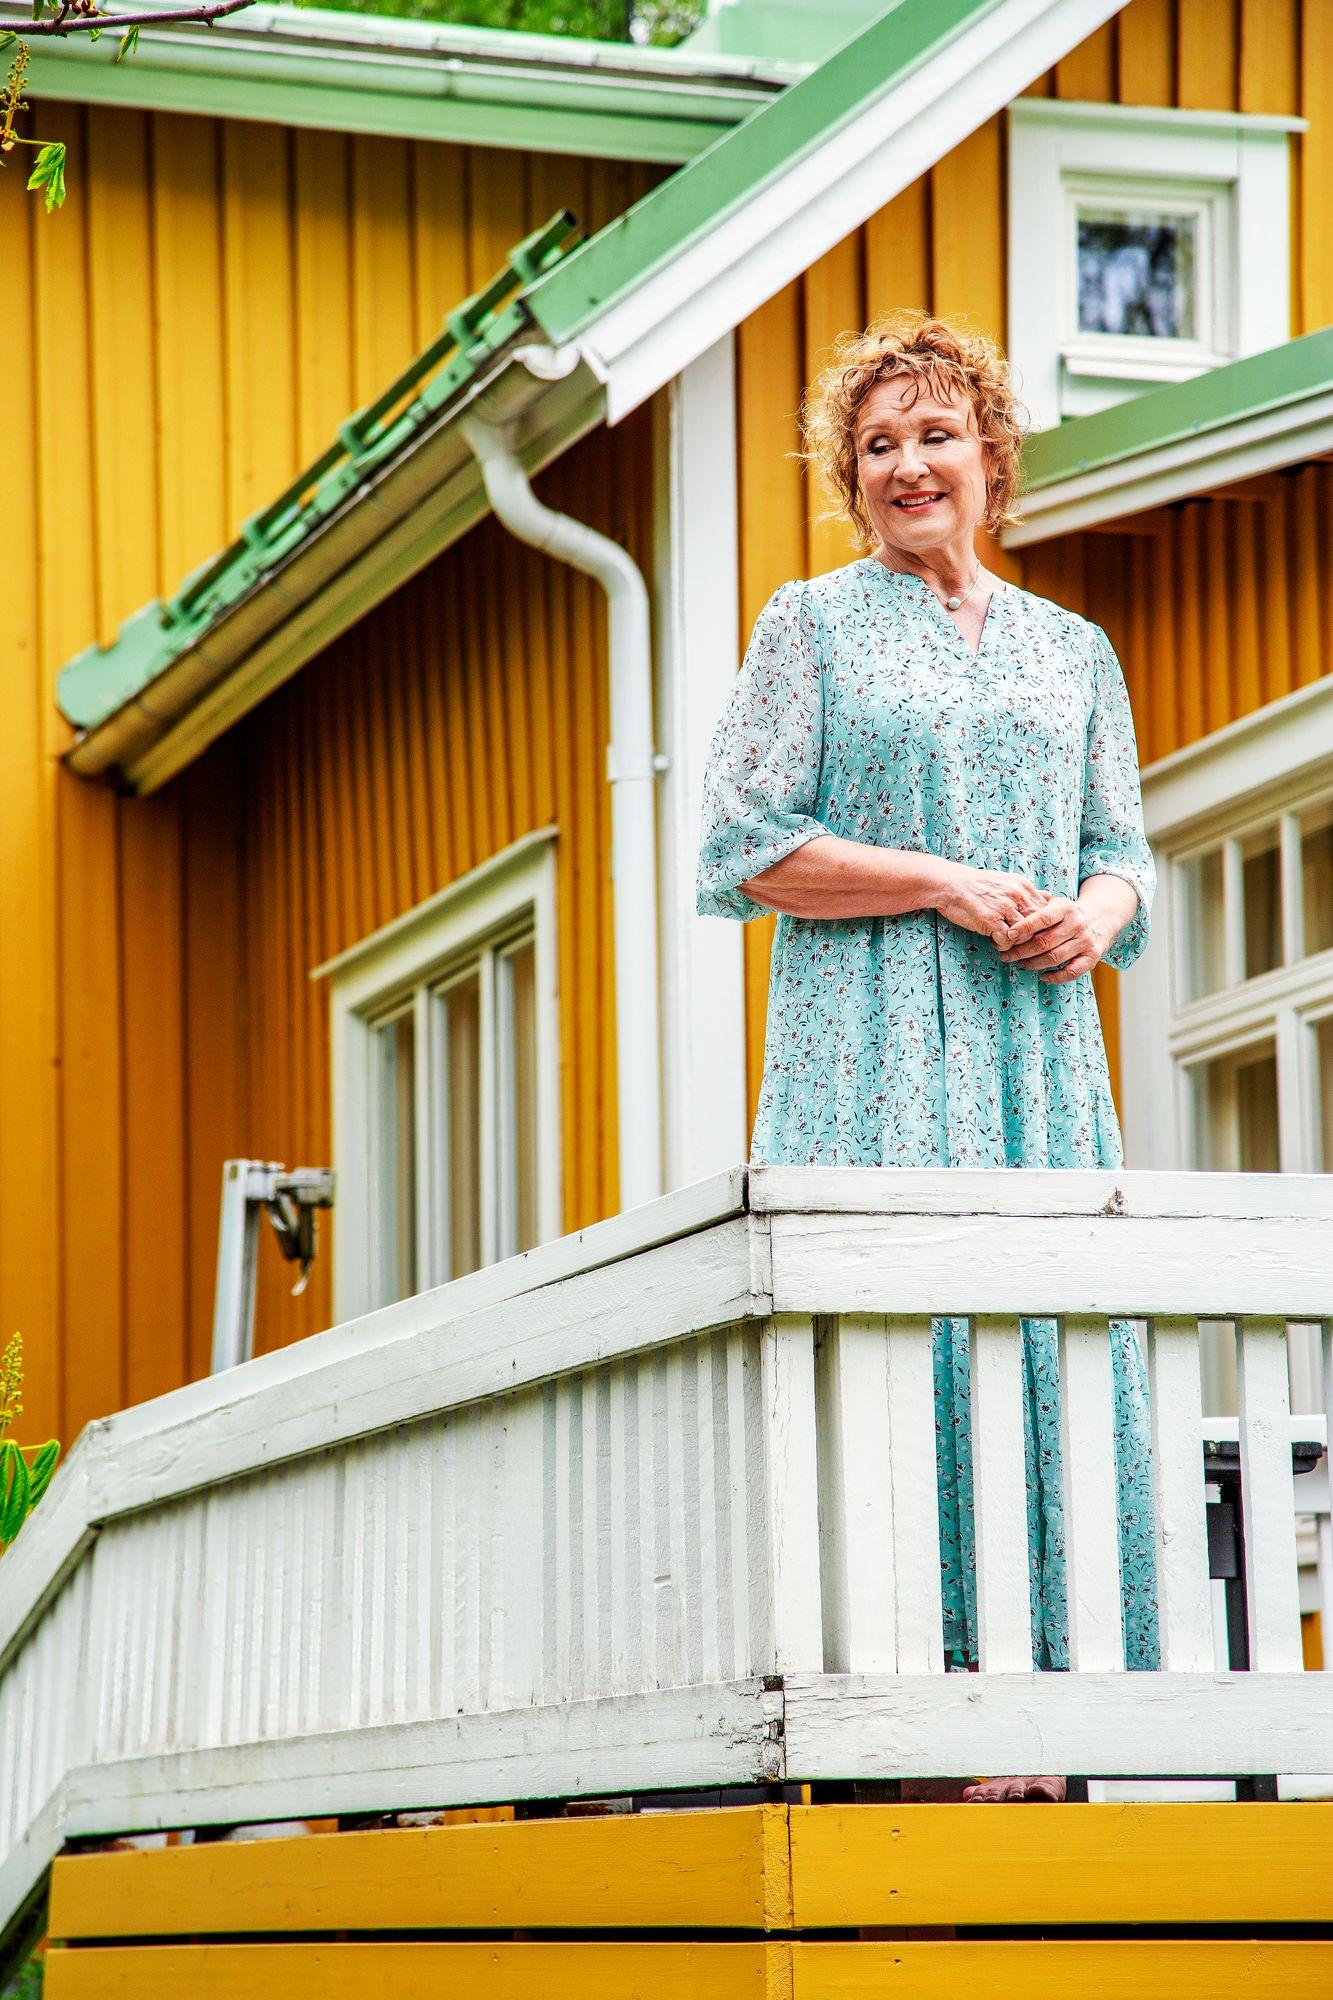 Hanna myöntää olleensa isäntyttö. Suhde kehokriittiseen äitiin jäi etäiseksi. © Mika Pollari